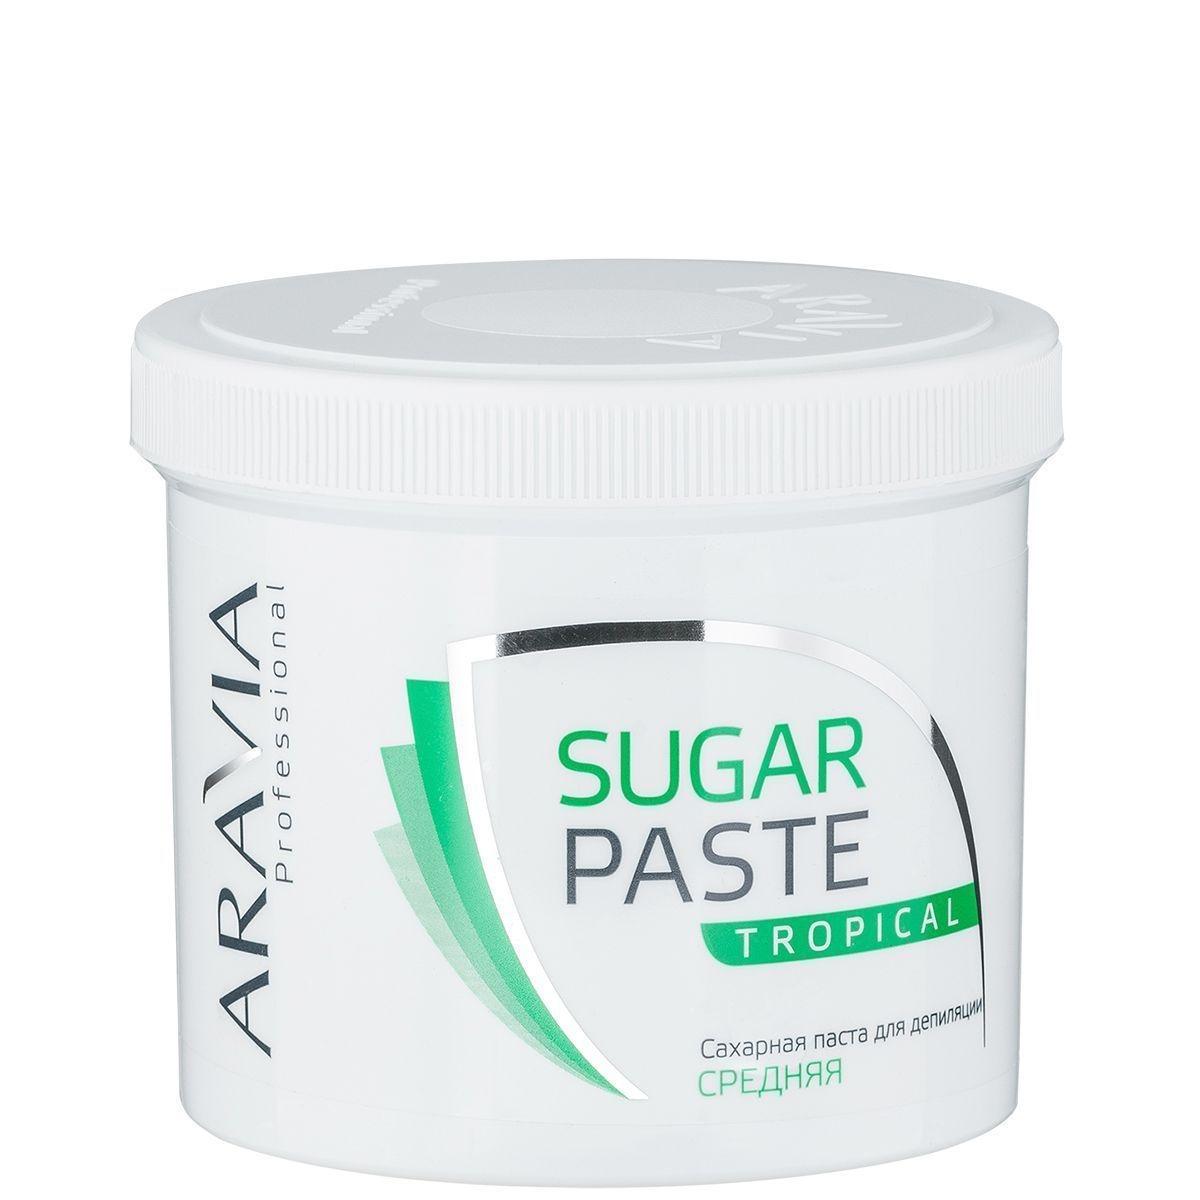 ARAVIA Паста  Sugar Paste Сахарная для Депиляции Тропическая Средней Консистенции, 750 гр